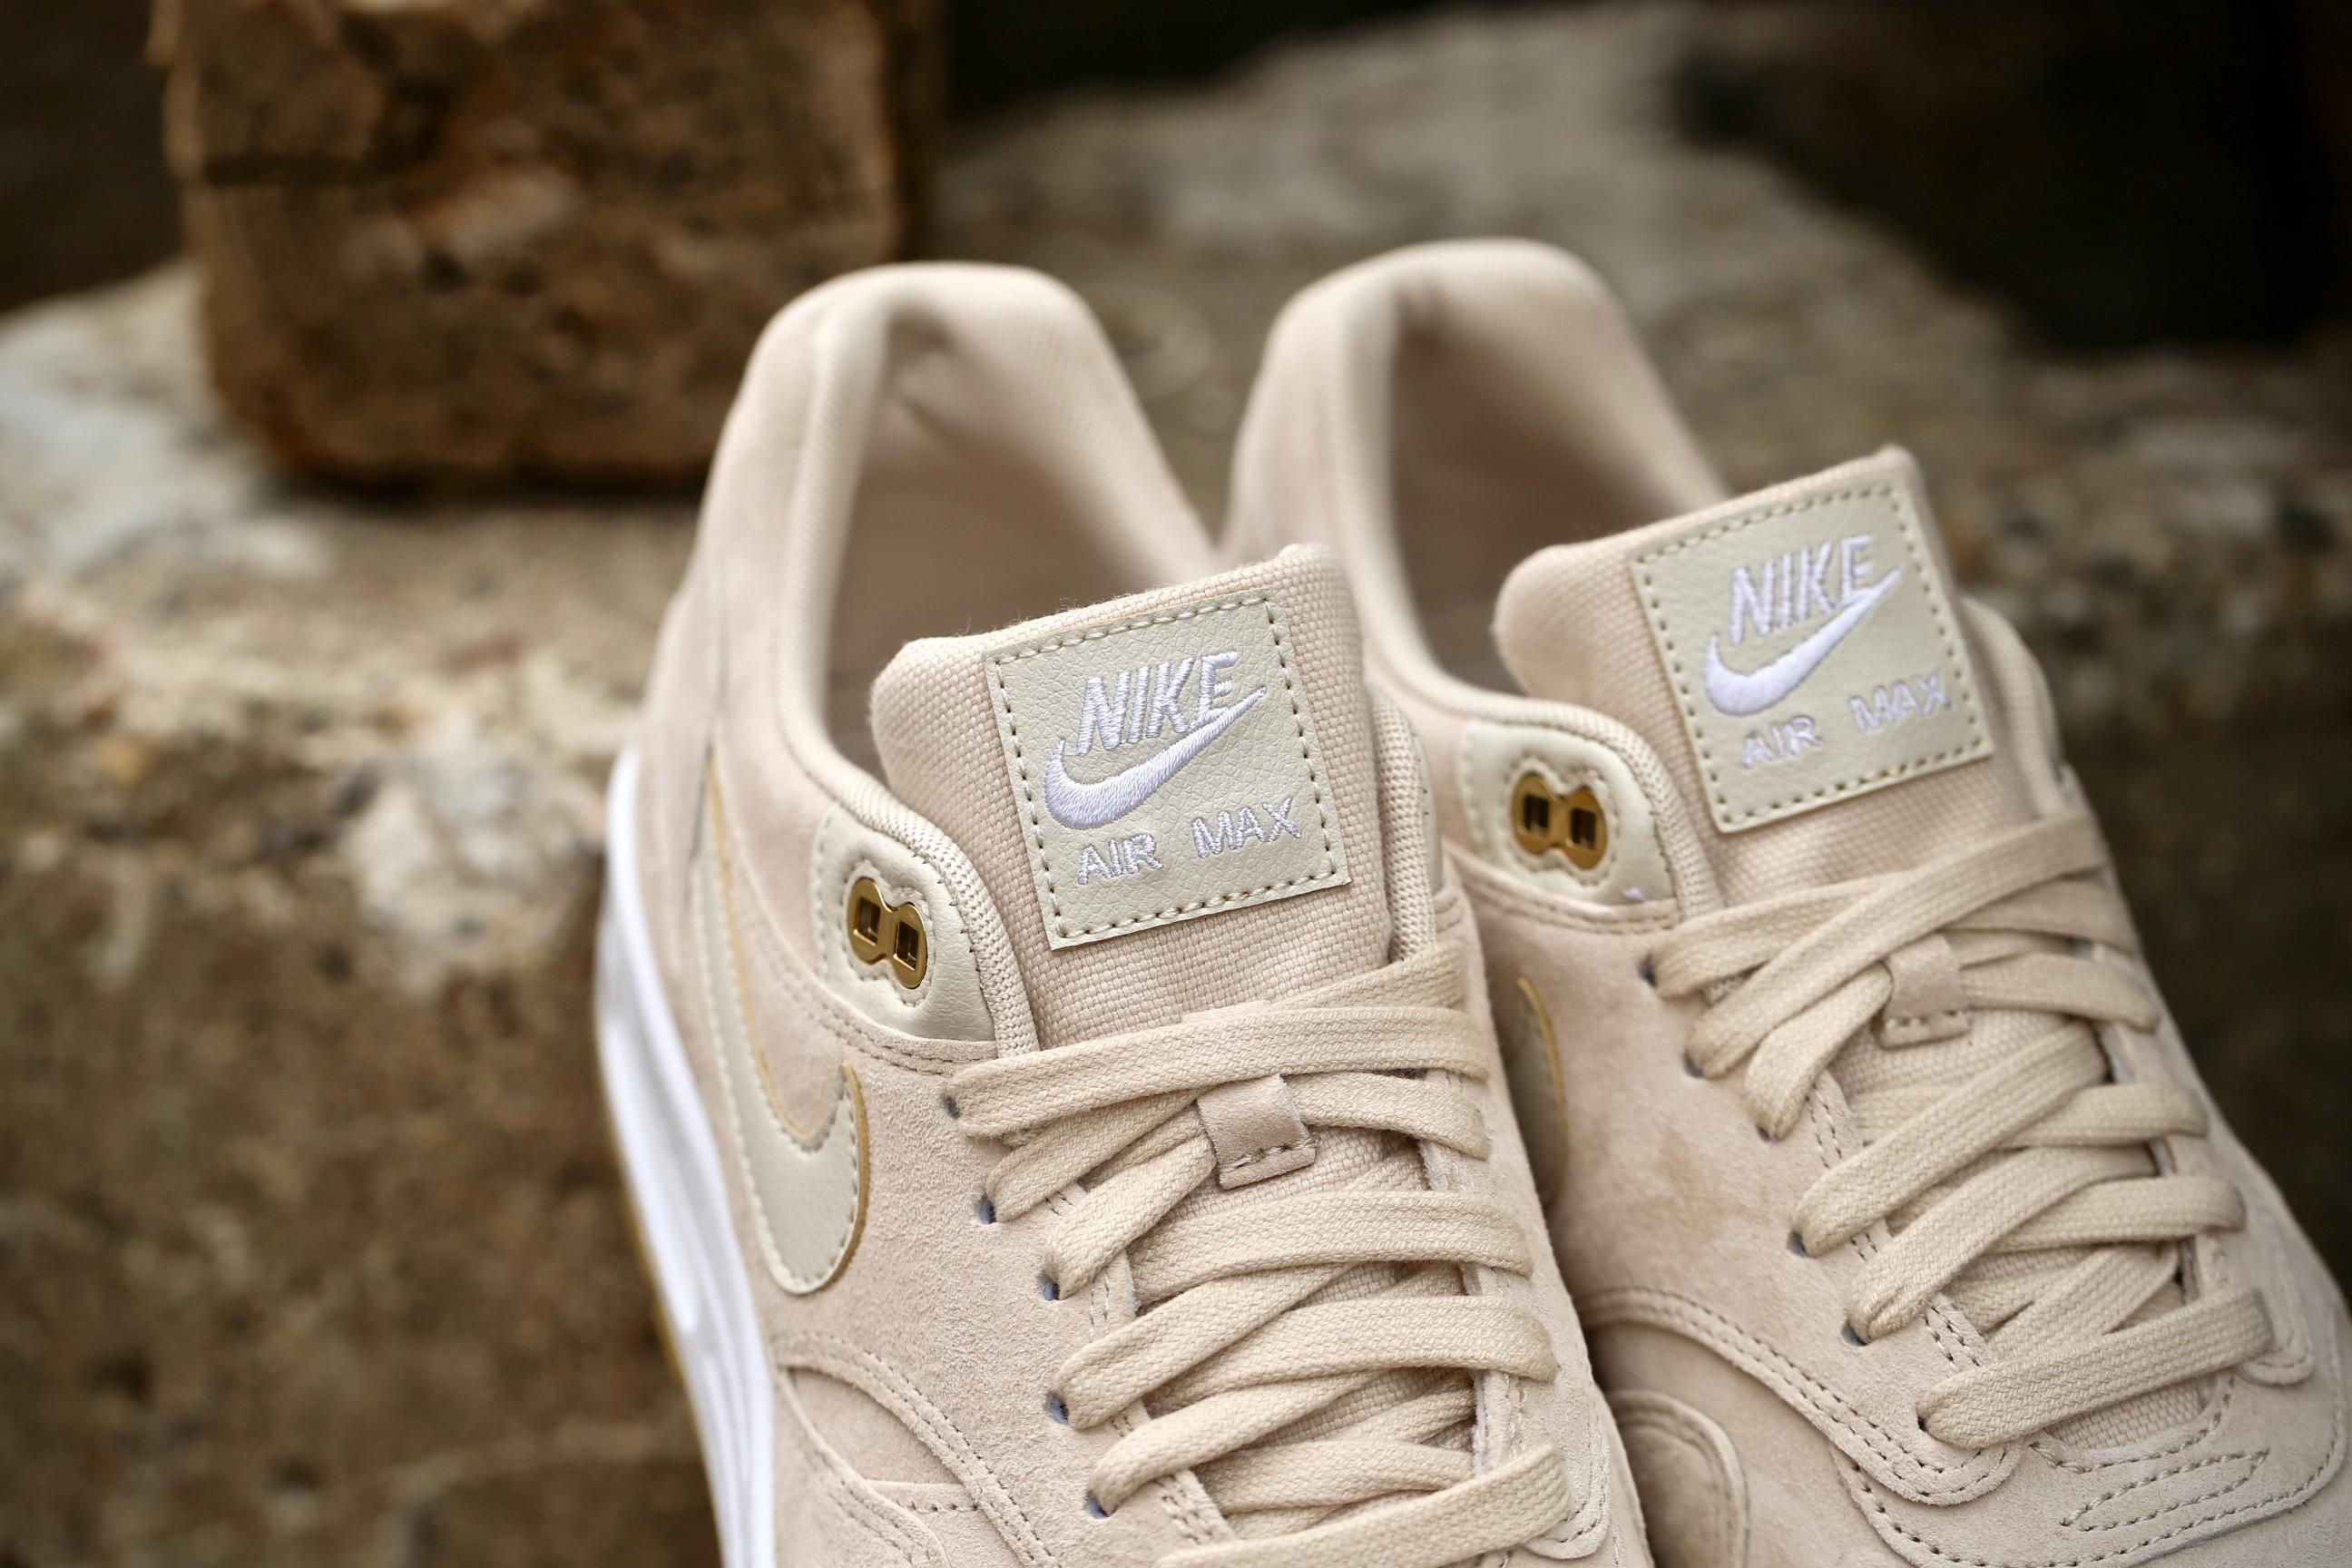 Nike Wmns Air Max 1 SD – Oatmeal White Gum Light Brown